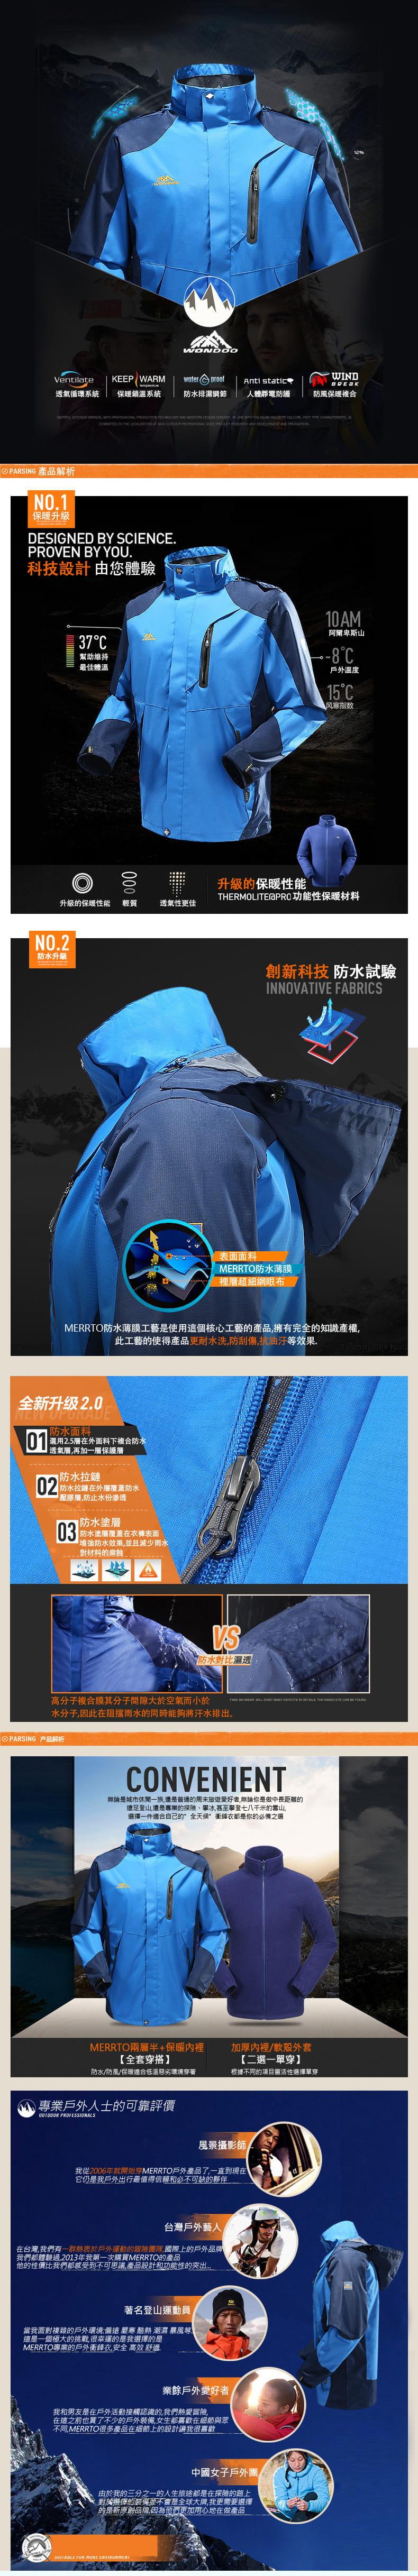 加大碼三合一真禦寒機能衝鋒衣外套  防水防風戶外登山外套 男/女款 XL~8XL【CP16001】 6